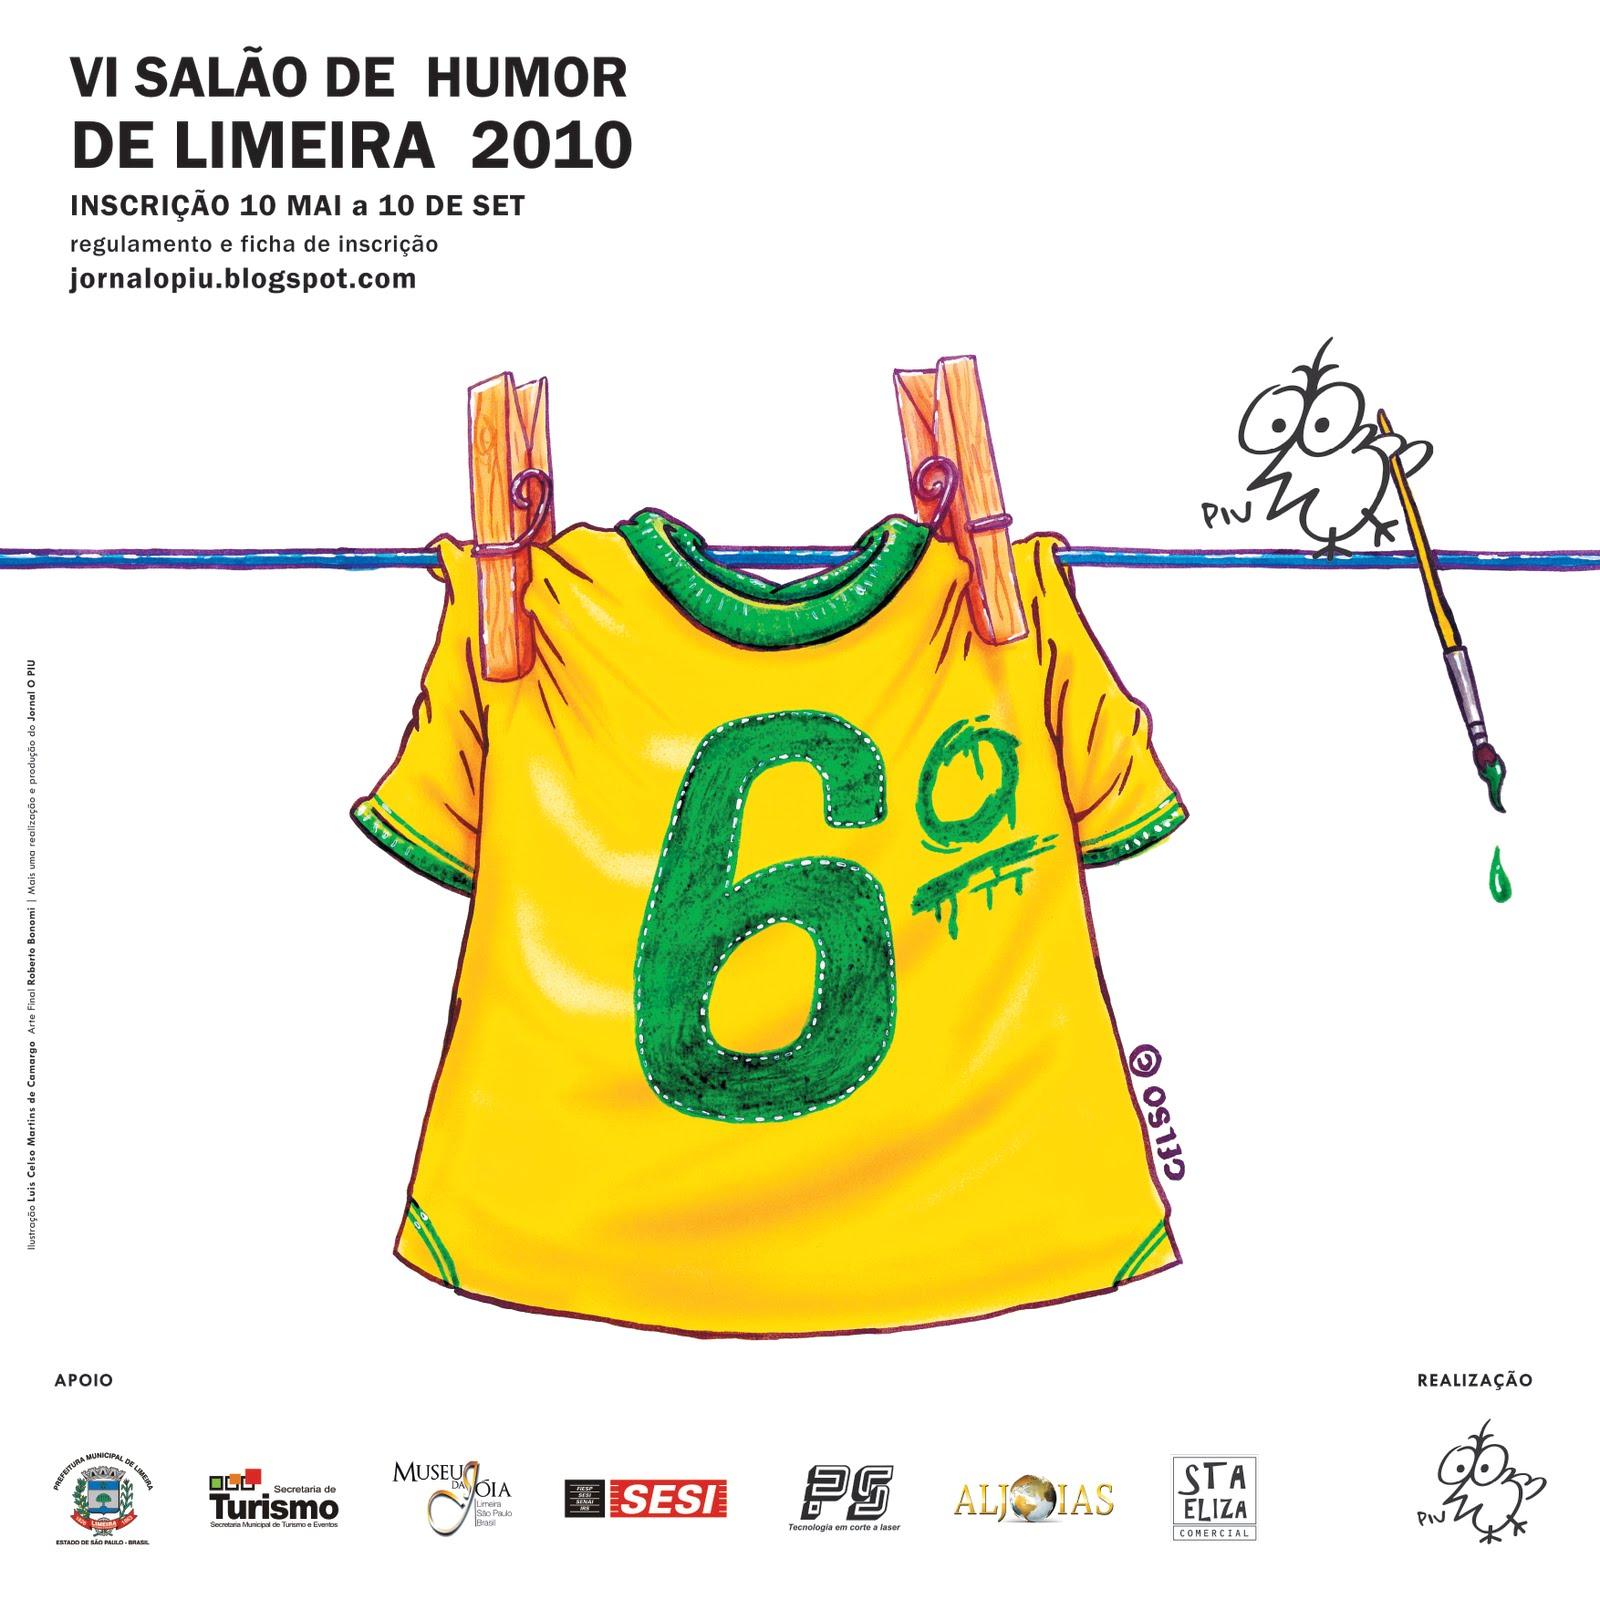 CARTAZ DO VI SALÃO DE HUMOR DE LIMEIRA